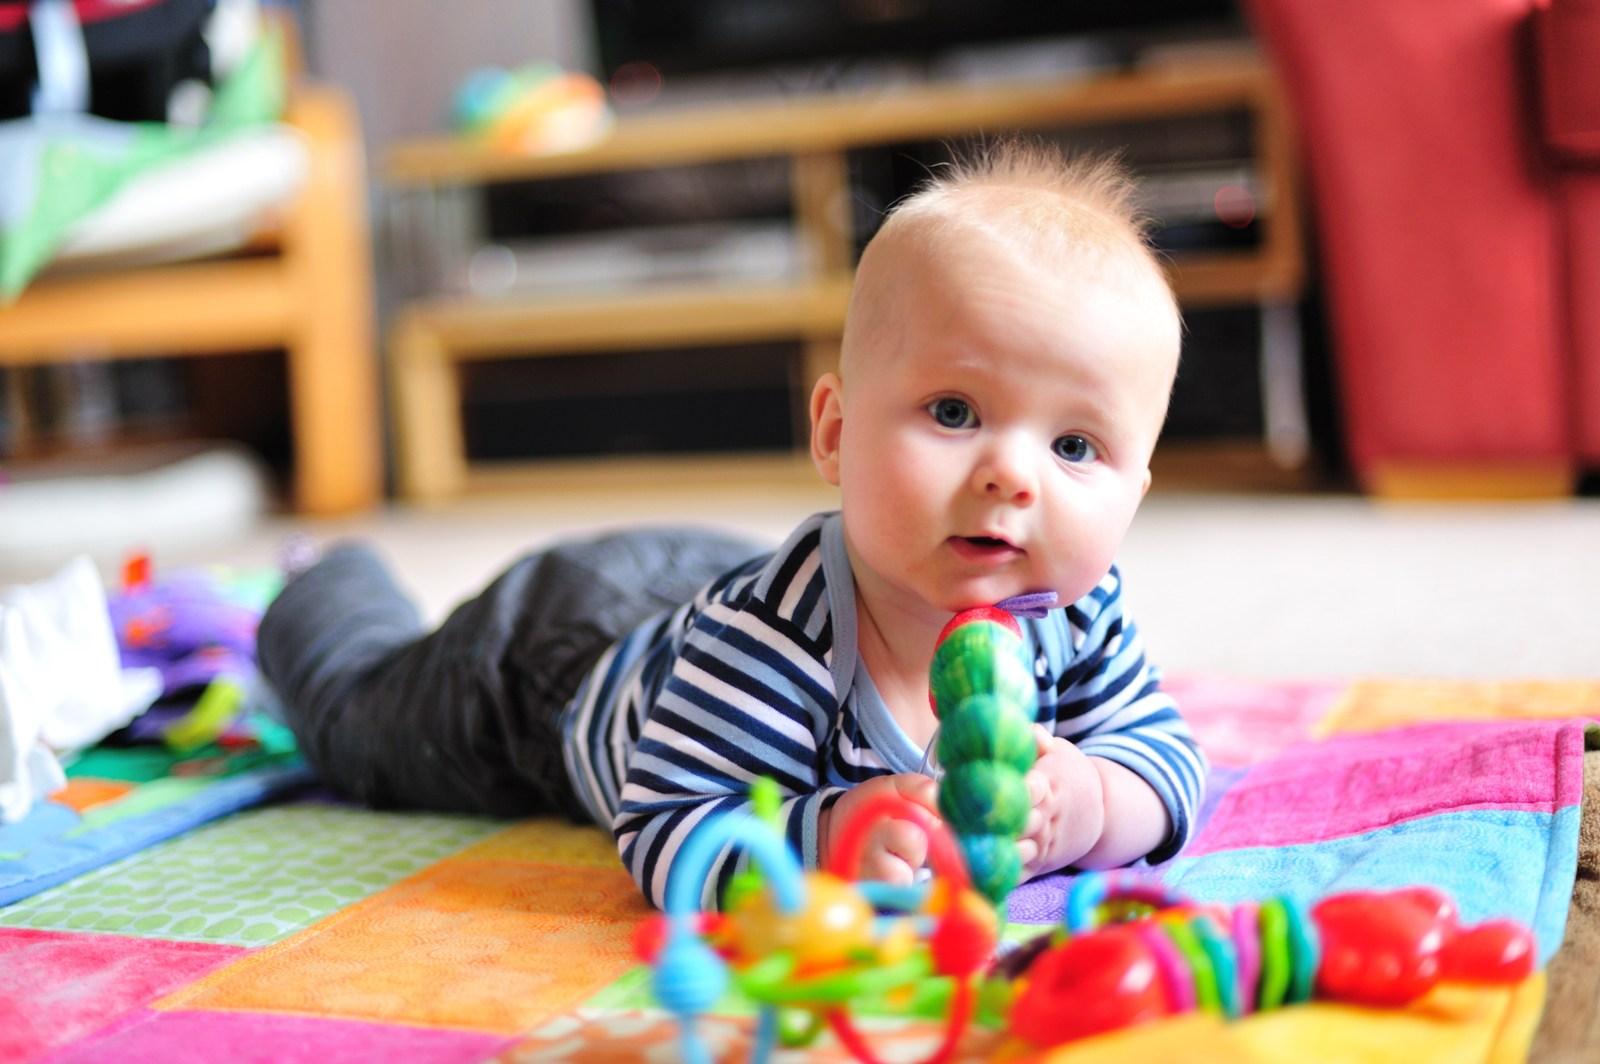 Наличие специальных игрушек способствует развитию